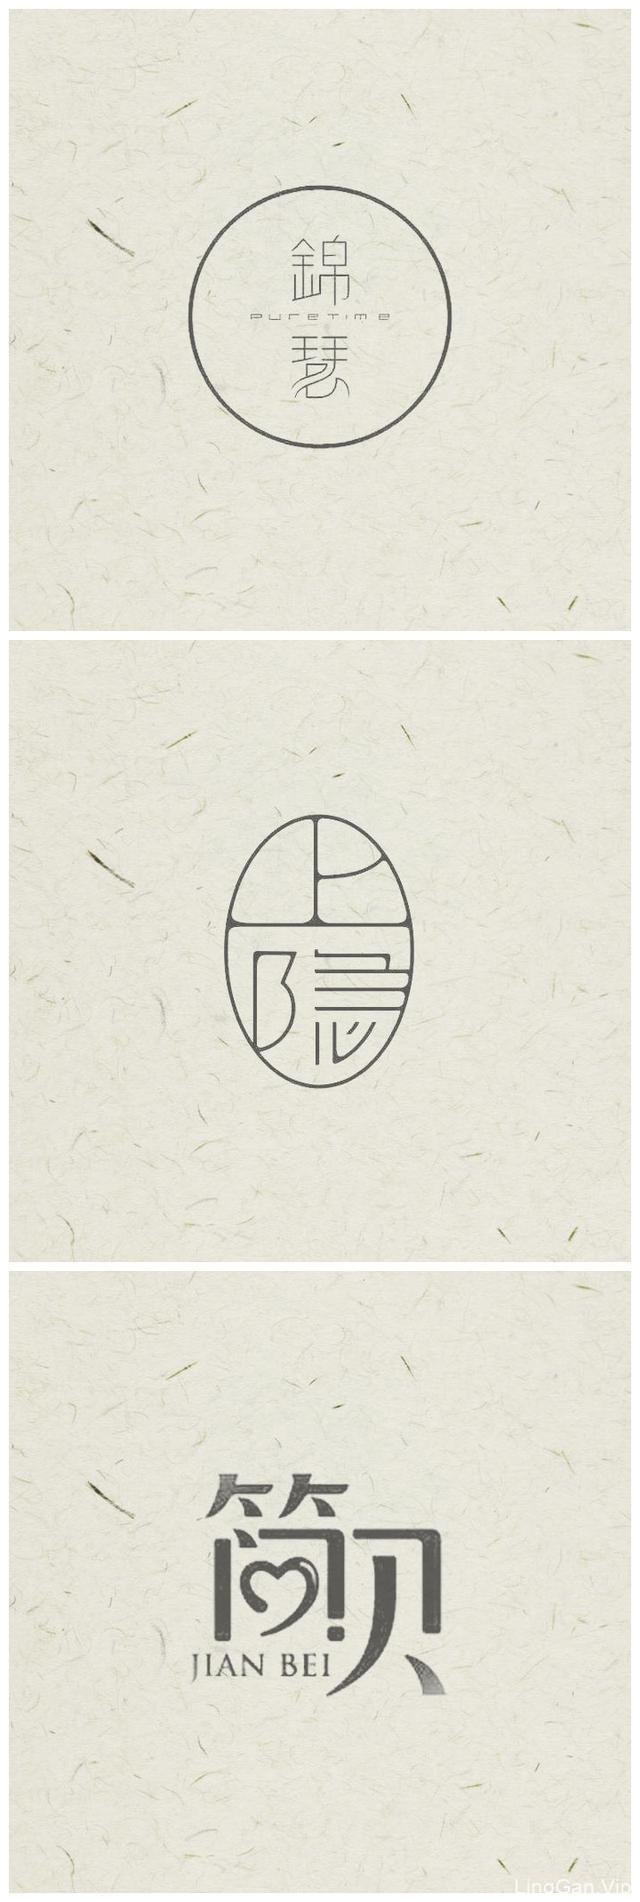 感受汉字之美:中国风LOGO设计